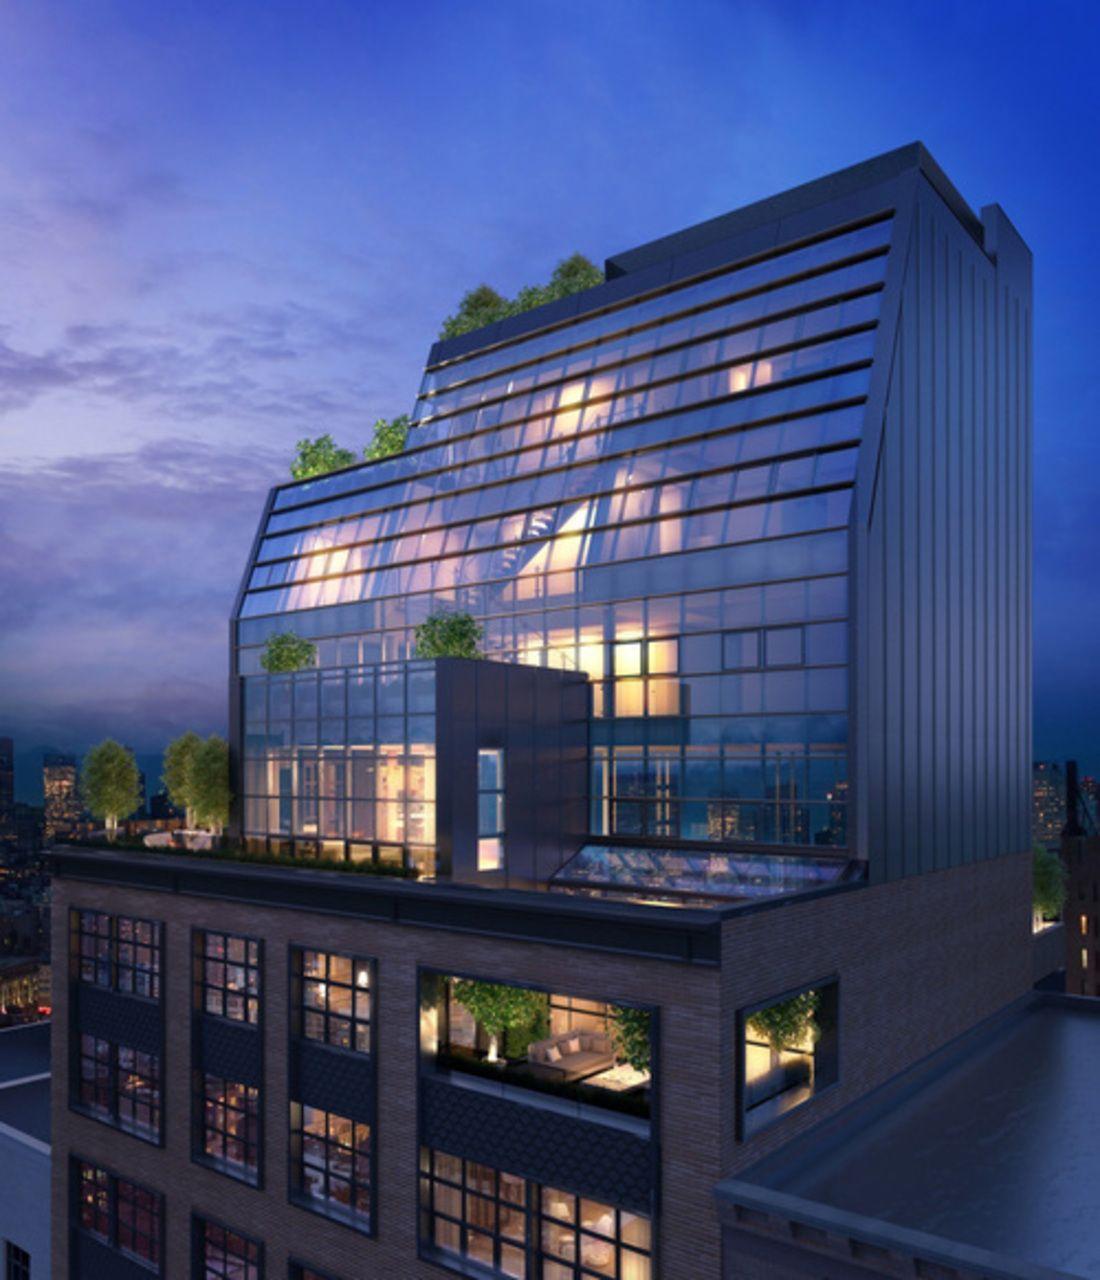 12 E 13th St In Greenwich Village Http Citty Com Nyc 12 E 13th St Building Greenwich Village